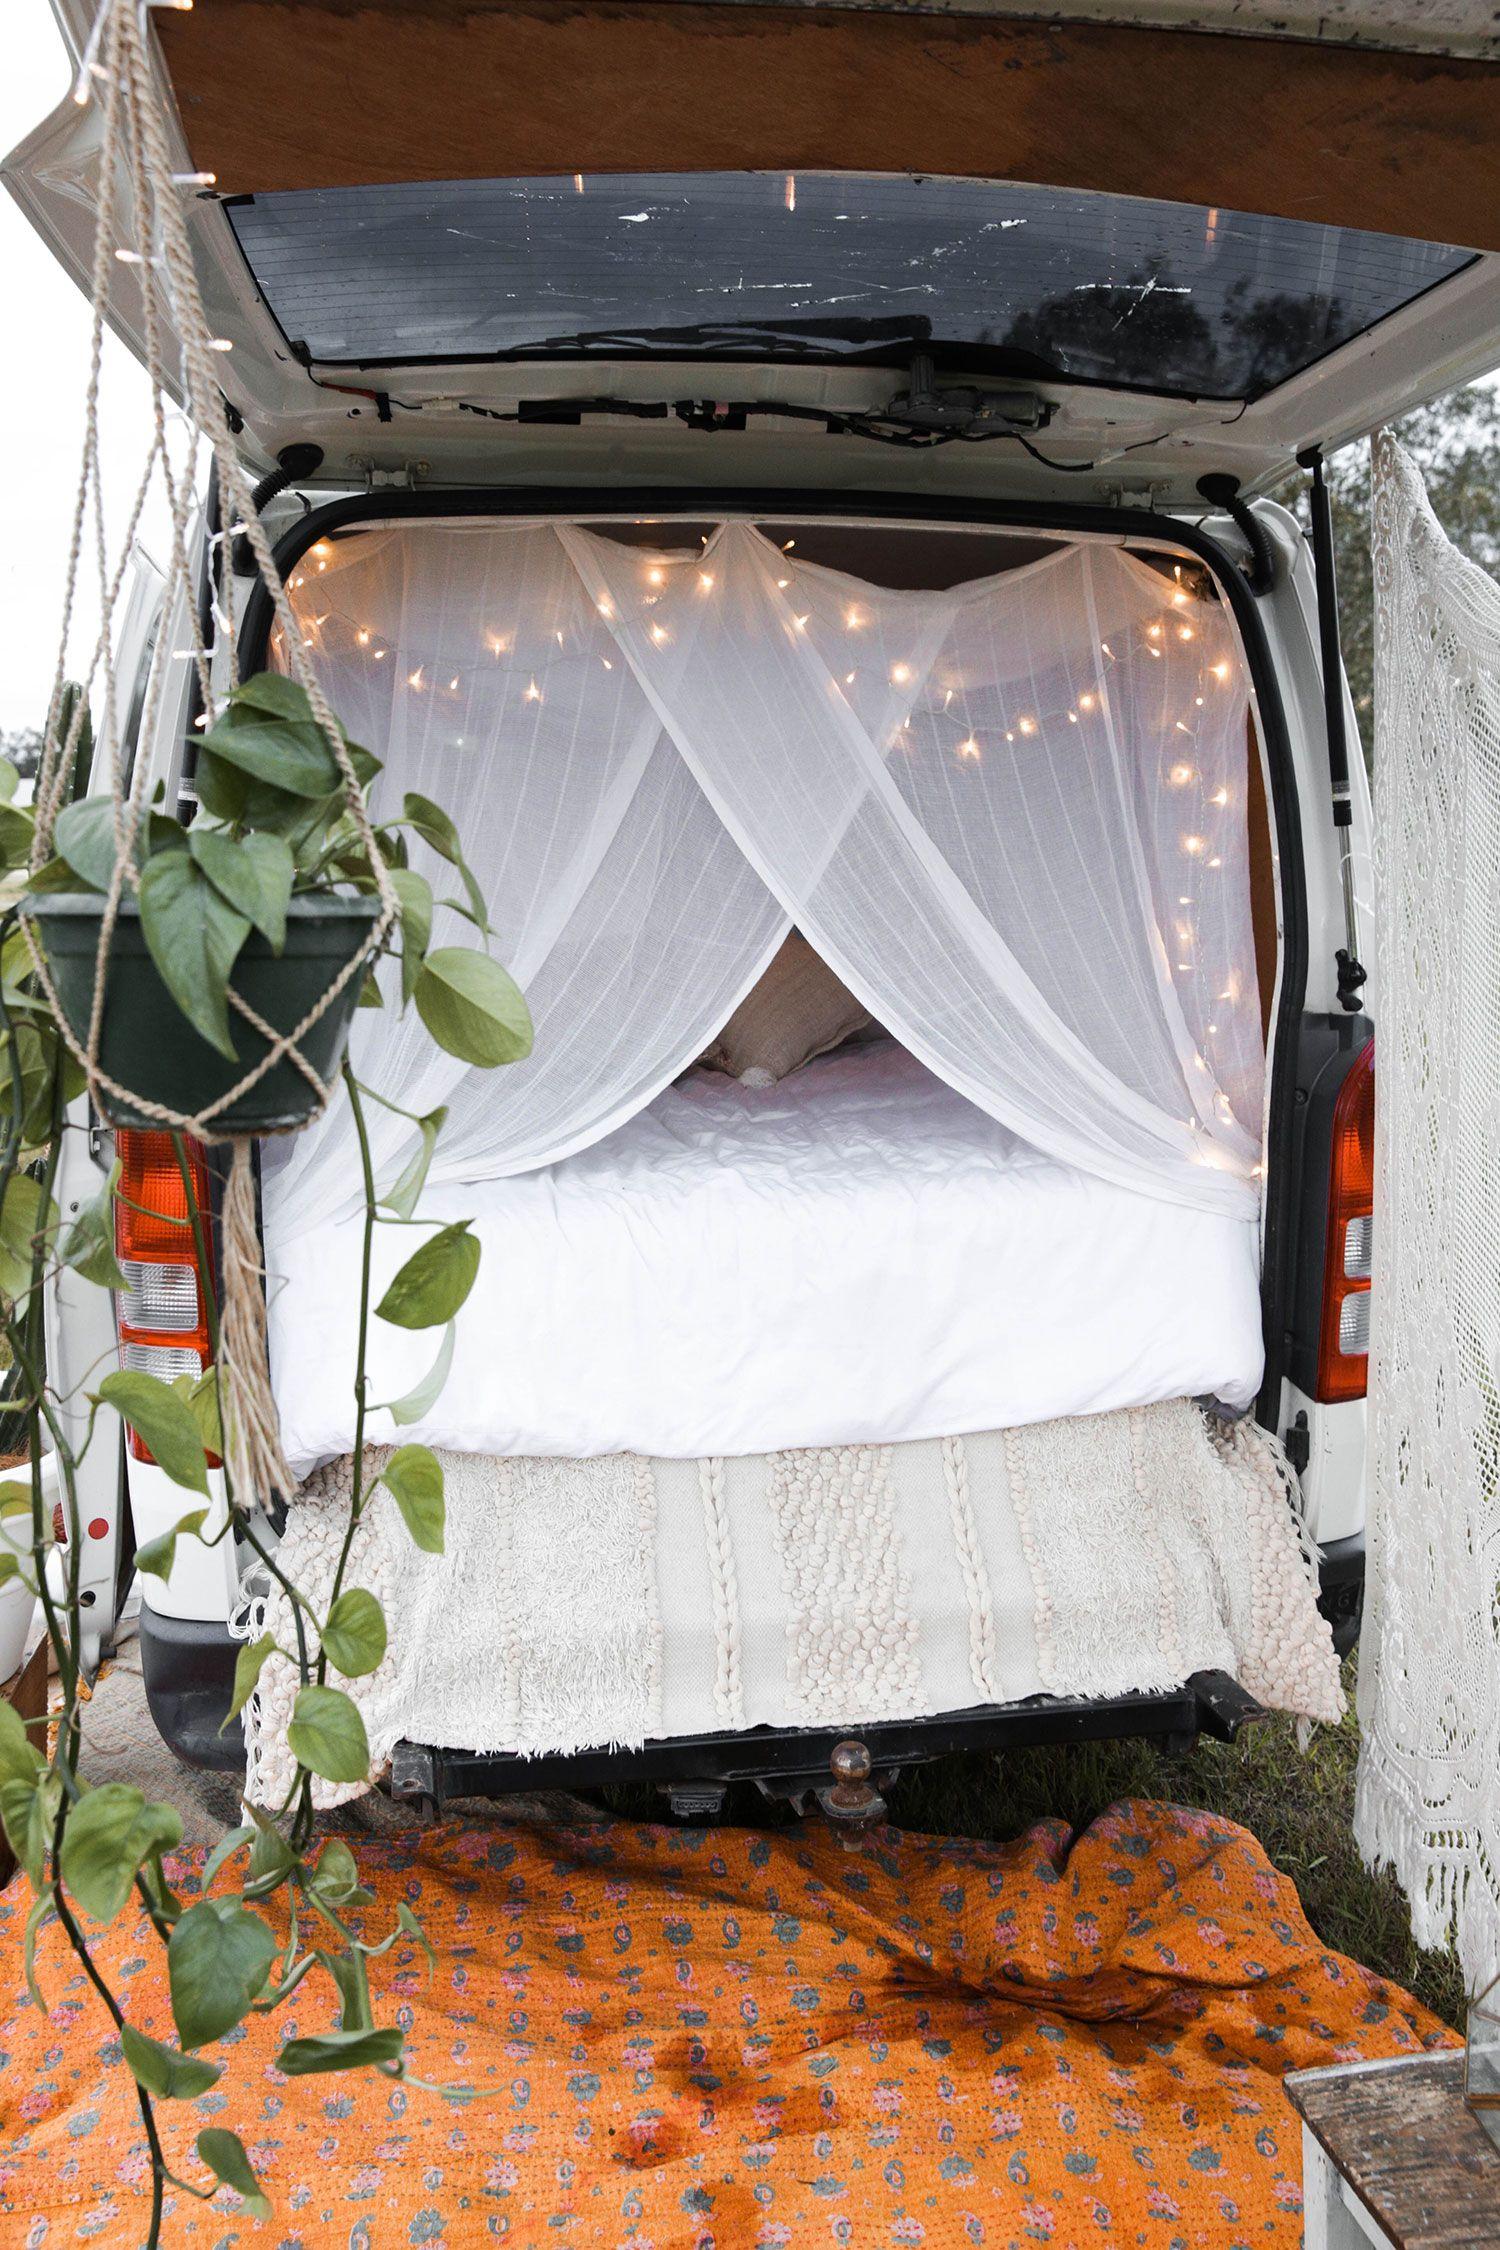 spell festival van set up glamping pinterest camper van life and vans. Black Bedroom Furniture Sets. Home Design Ideas